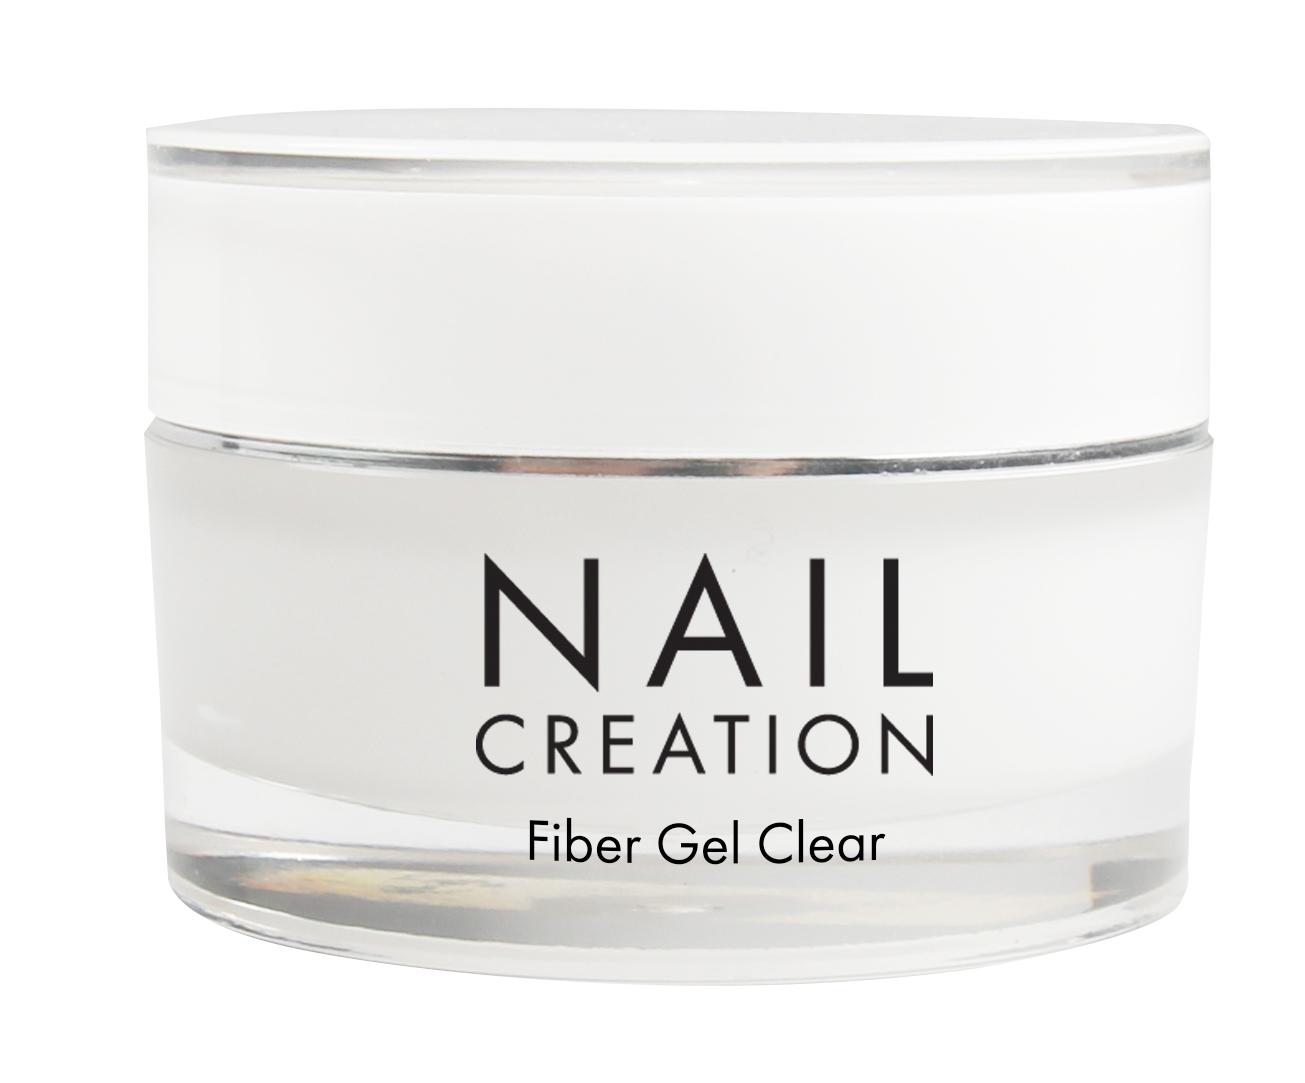 Afbeelding van Nail Creation Fiber Gel - Clear 30 ml